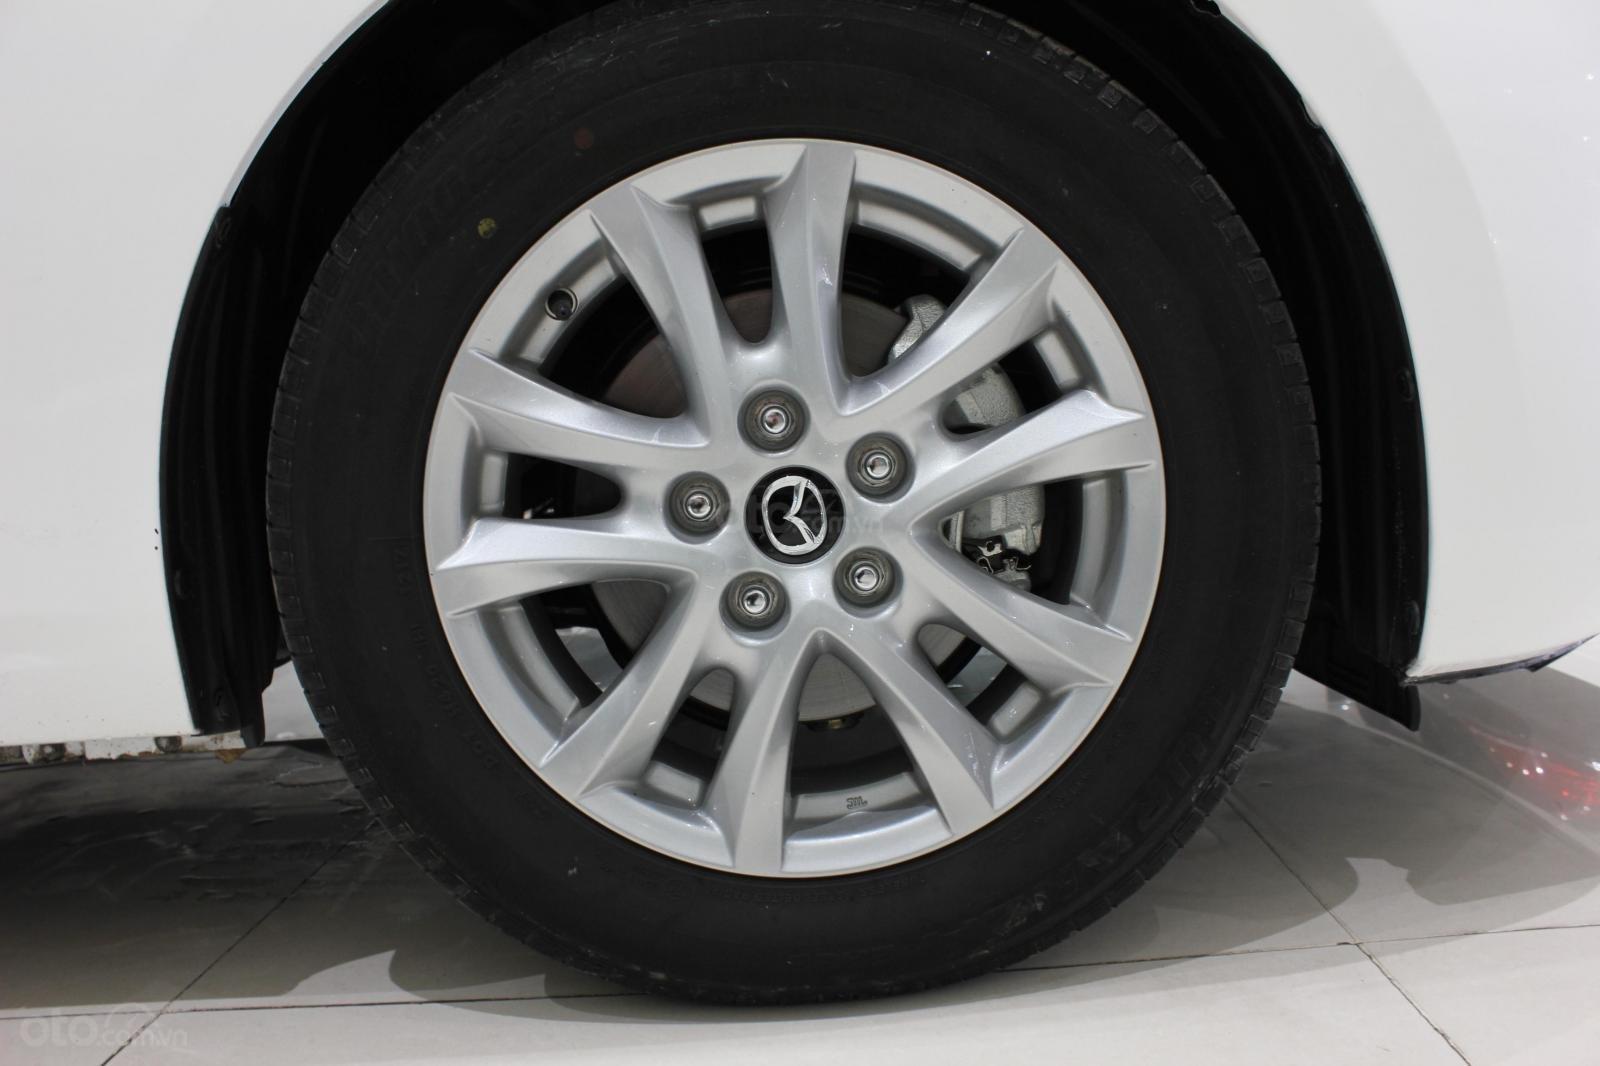 Bán Mazda 3 1.5L sản xuất năm 2017, màu trắng, giá thương lượng, 0347420233 (11)